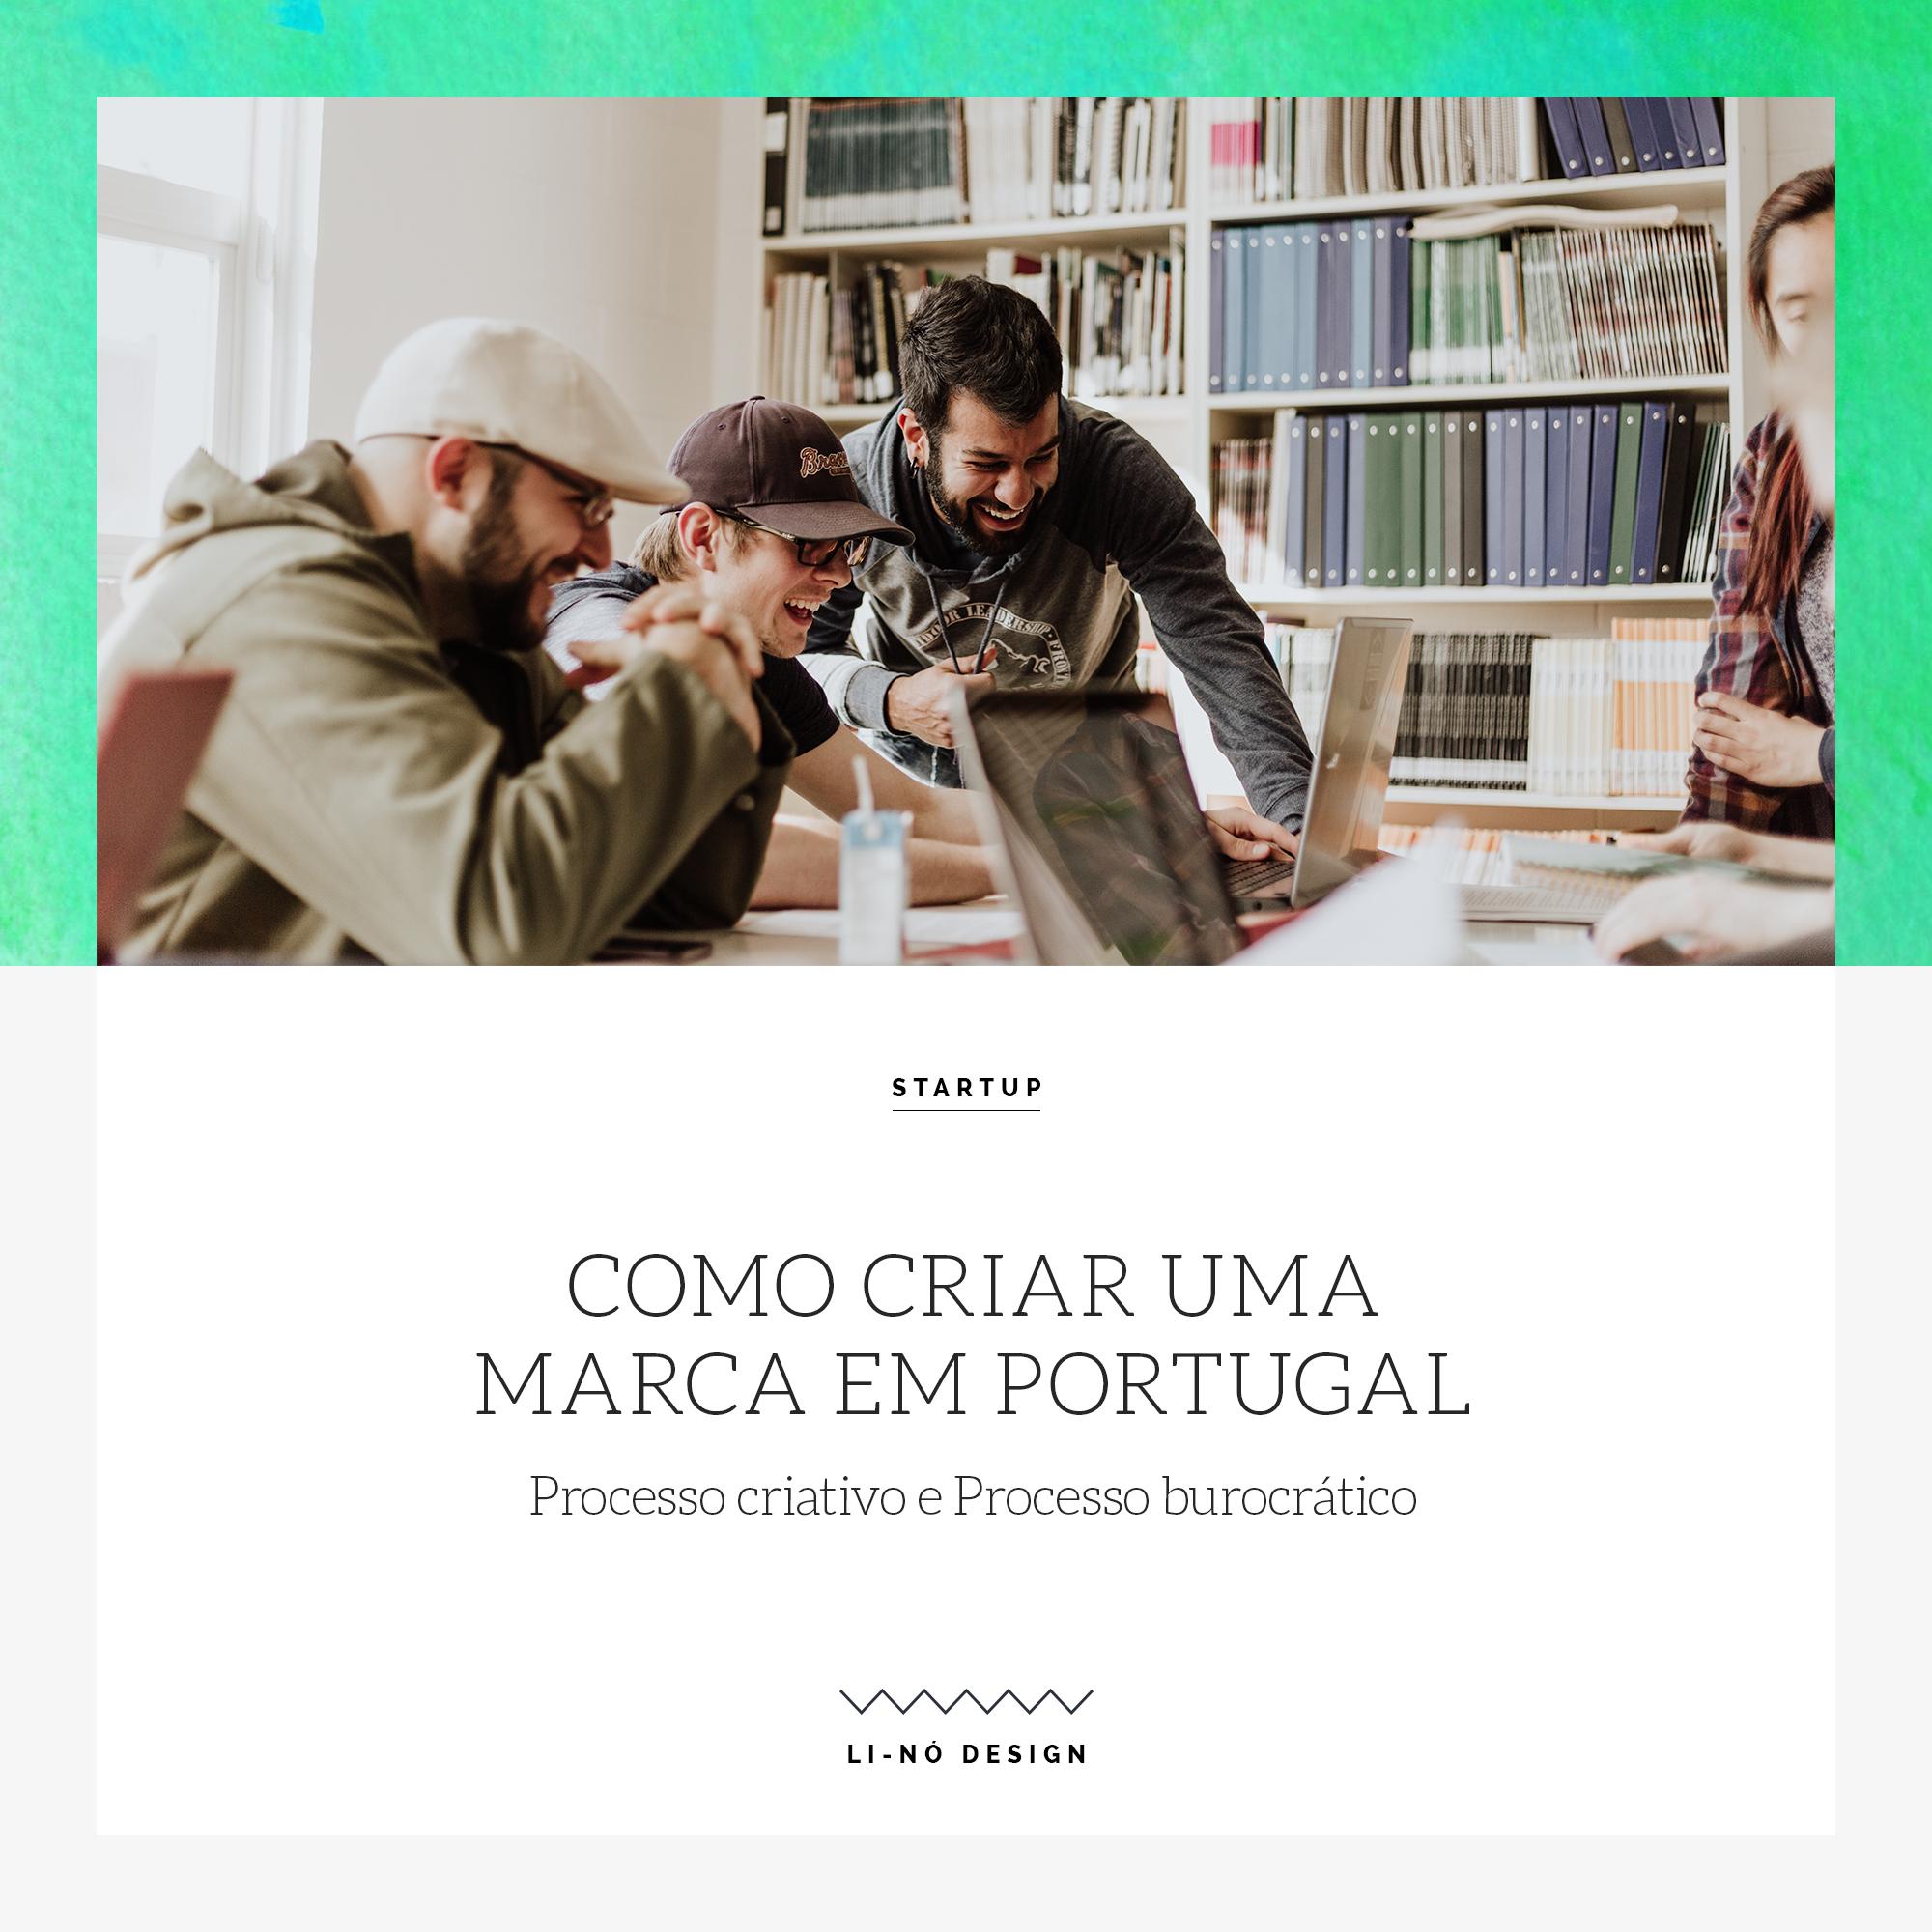 criar uma marca em portugal